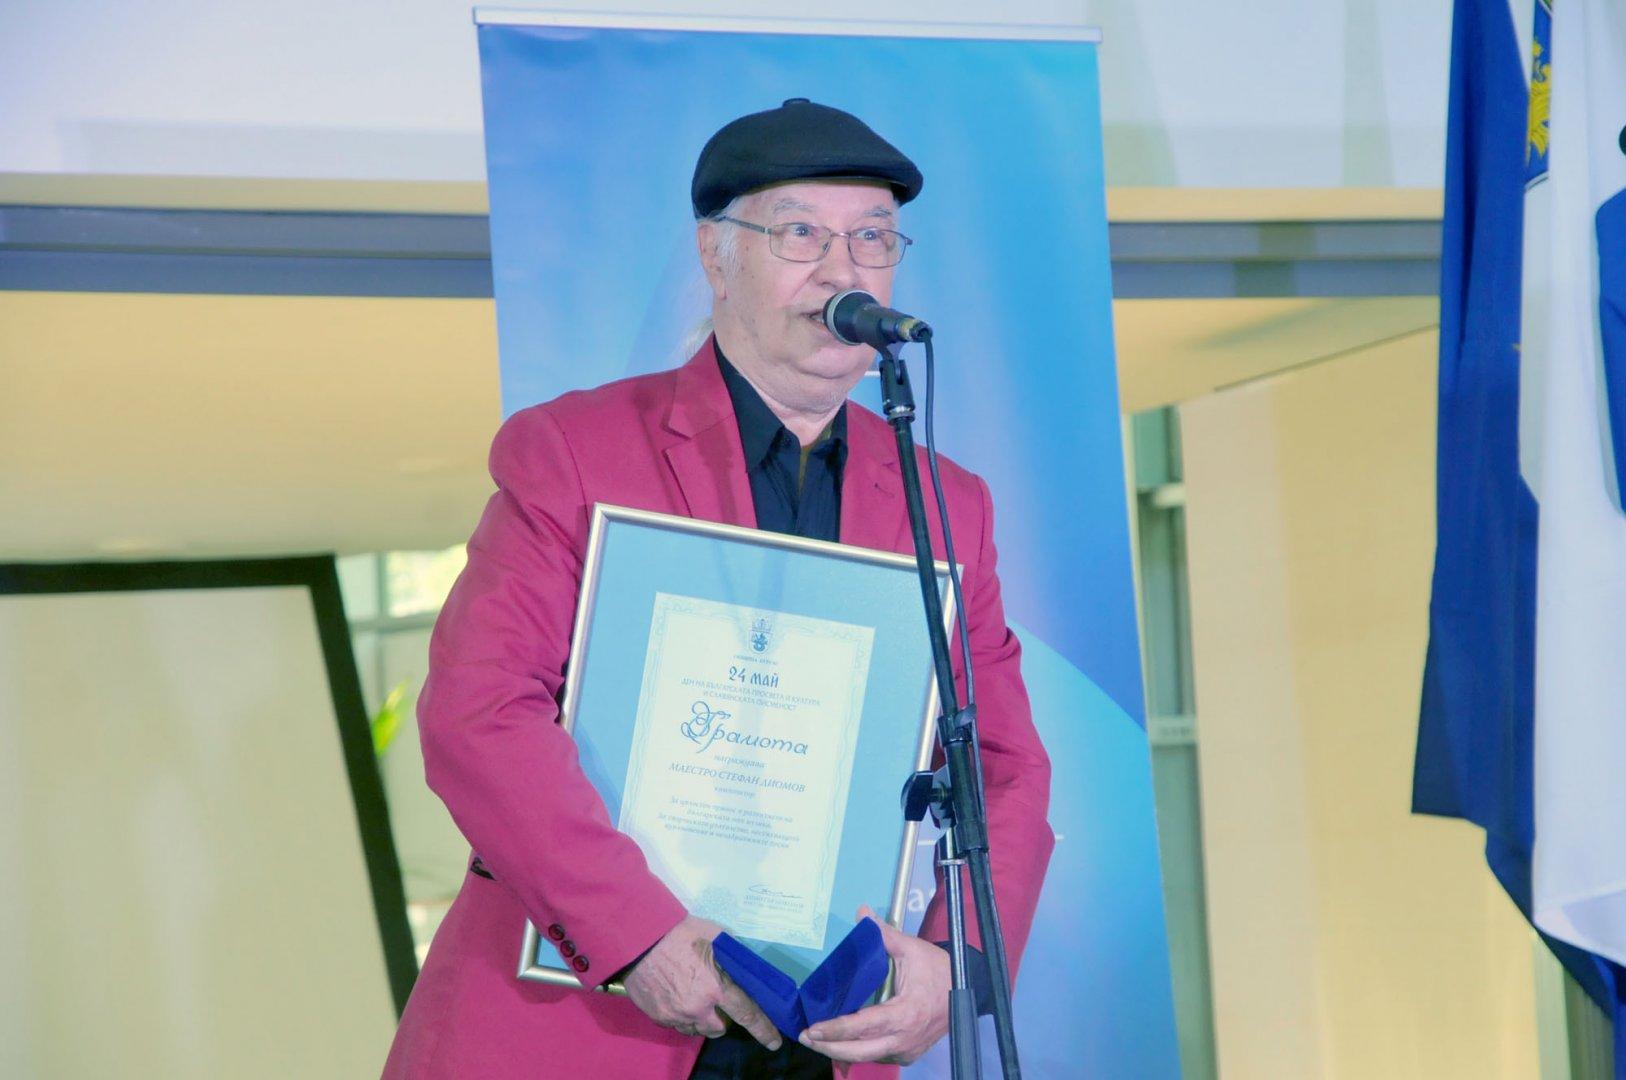 Стефан Диомов бе сред отличените от Община Бургас по случай 24 май. Снимка Черноморие-бг